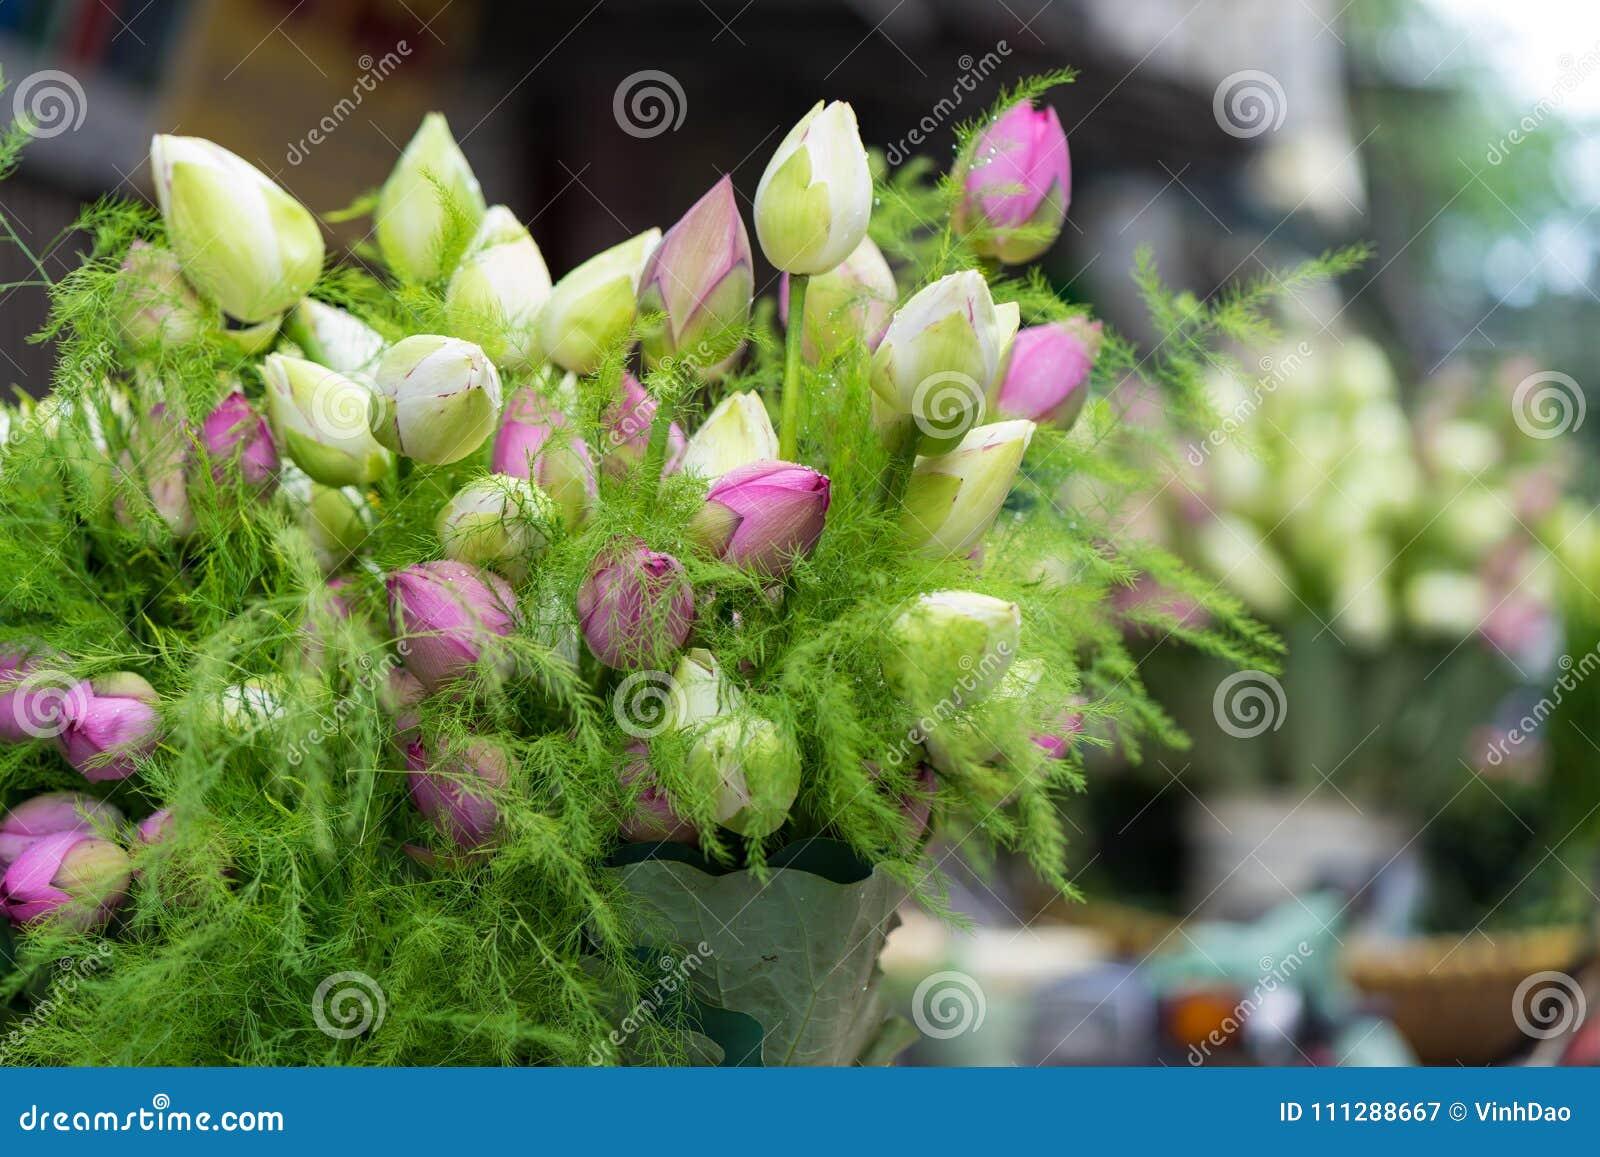 Ramo Rosado Y Verde Decorativo De La Flor De Loto Imagen De Archivo